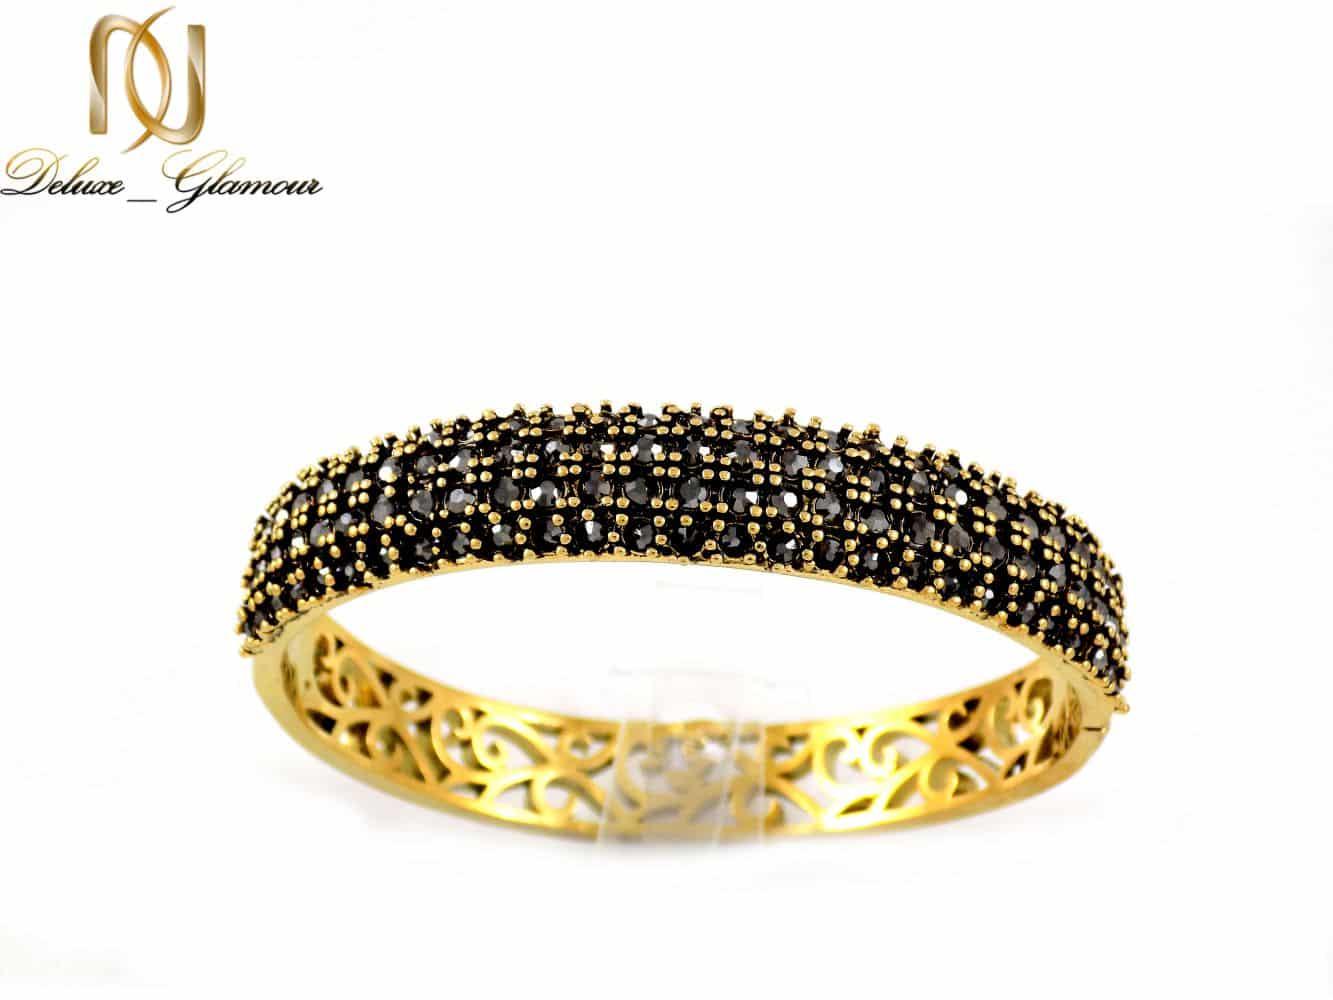 دستبند زنانه طرح طلای استیل نگین مارکازیت با قطر 57 میلی متری DS-N165 از نمای زمینه سفید